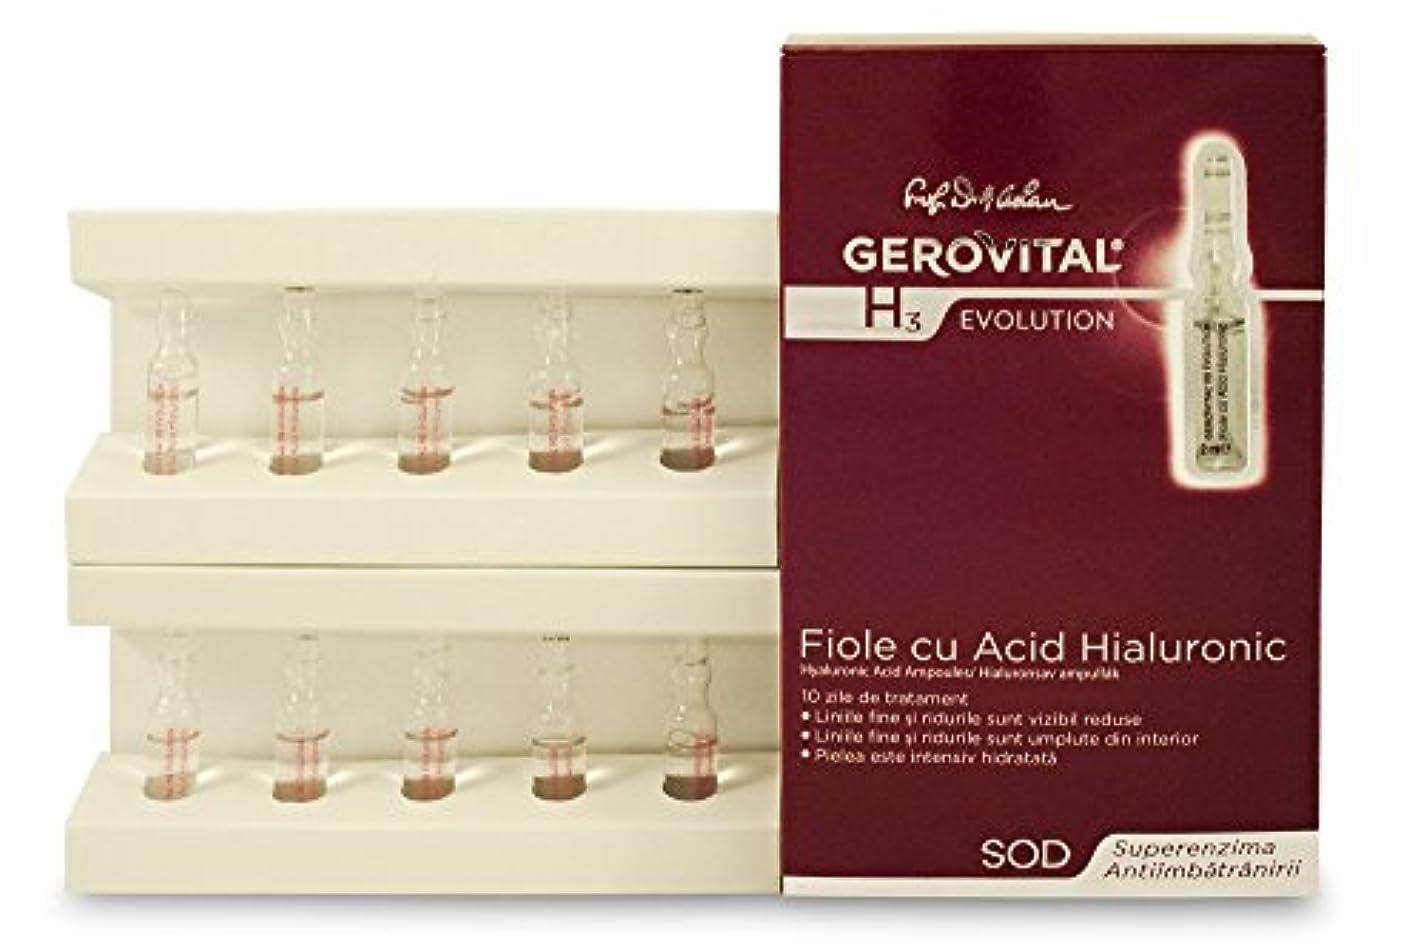 防止ゴルフセッティングジェロビタールH3 エボリューション ヒアルロン酸アンプル入り美容液 [海外直送] [並行輸入品]